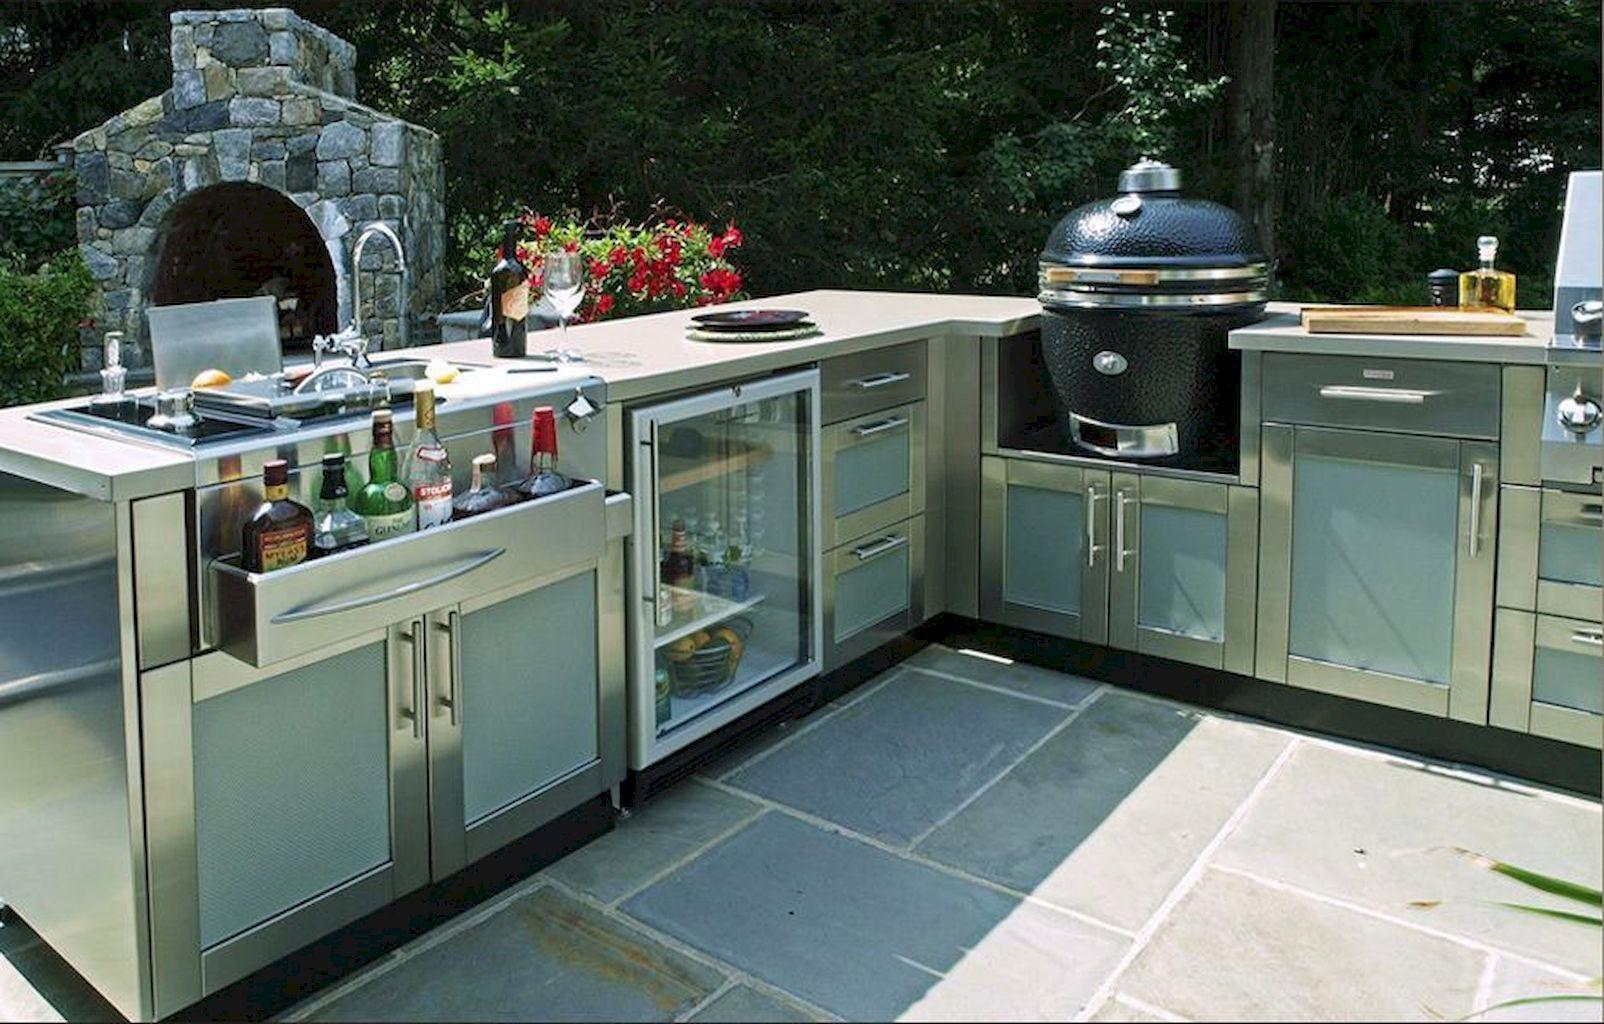 Inspiring Summer Outdoor Kitchen Ideas Elonahome Com Outdoor Kitchen Cabinets Backyard Kitchen Simple Outdoor Kitchen